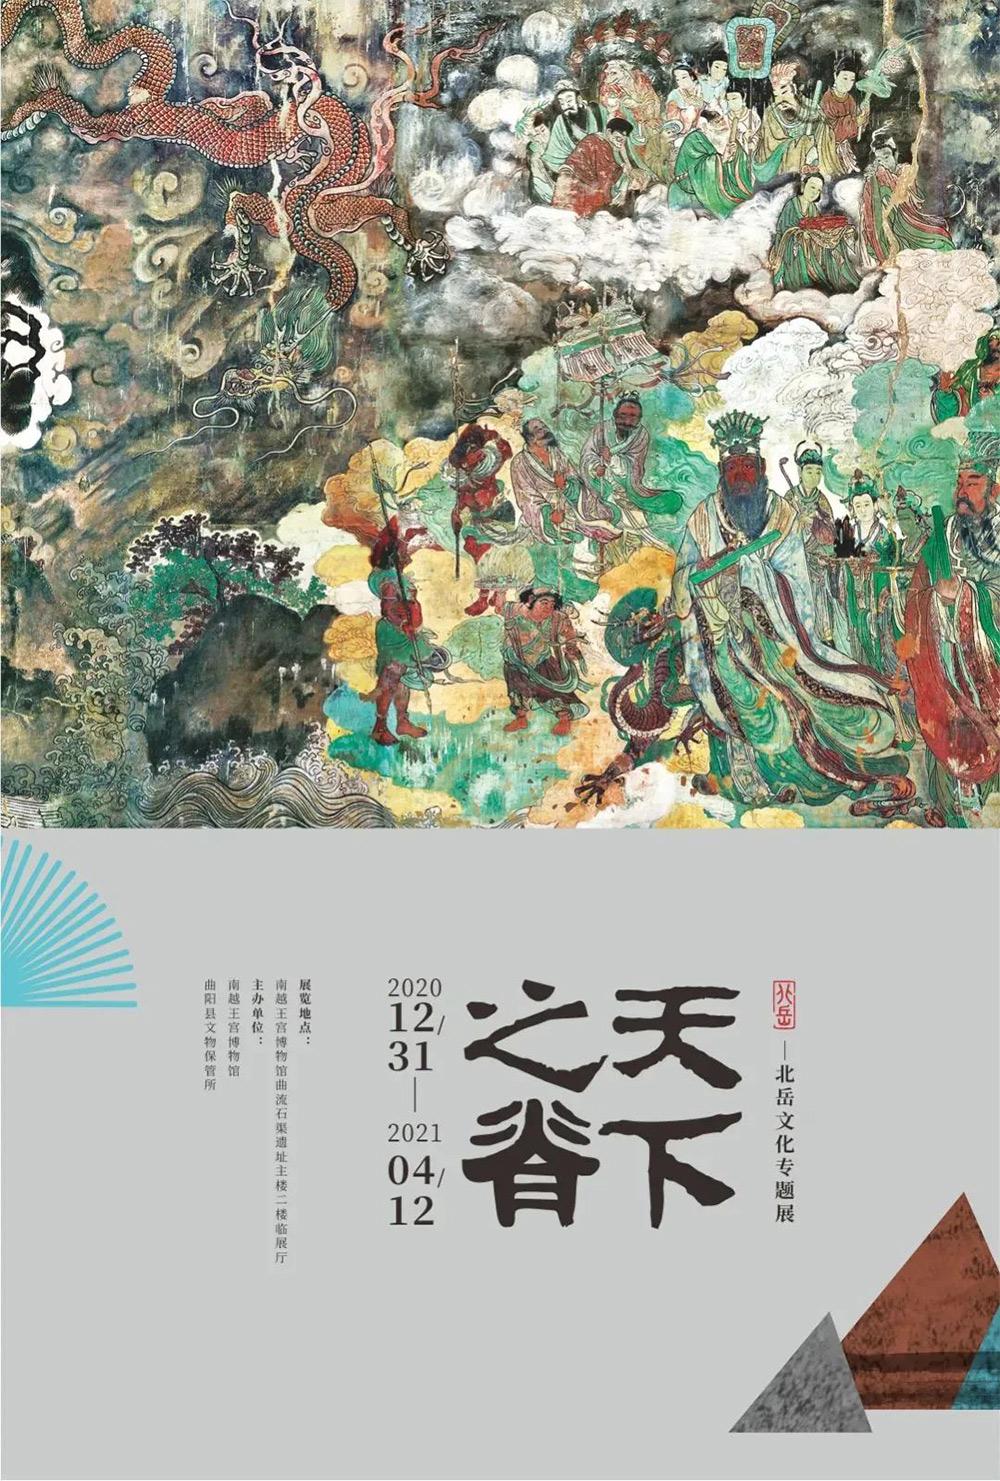 12张优质的中文展览海报